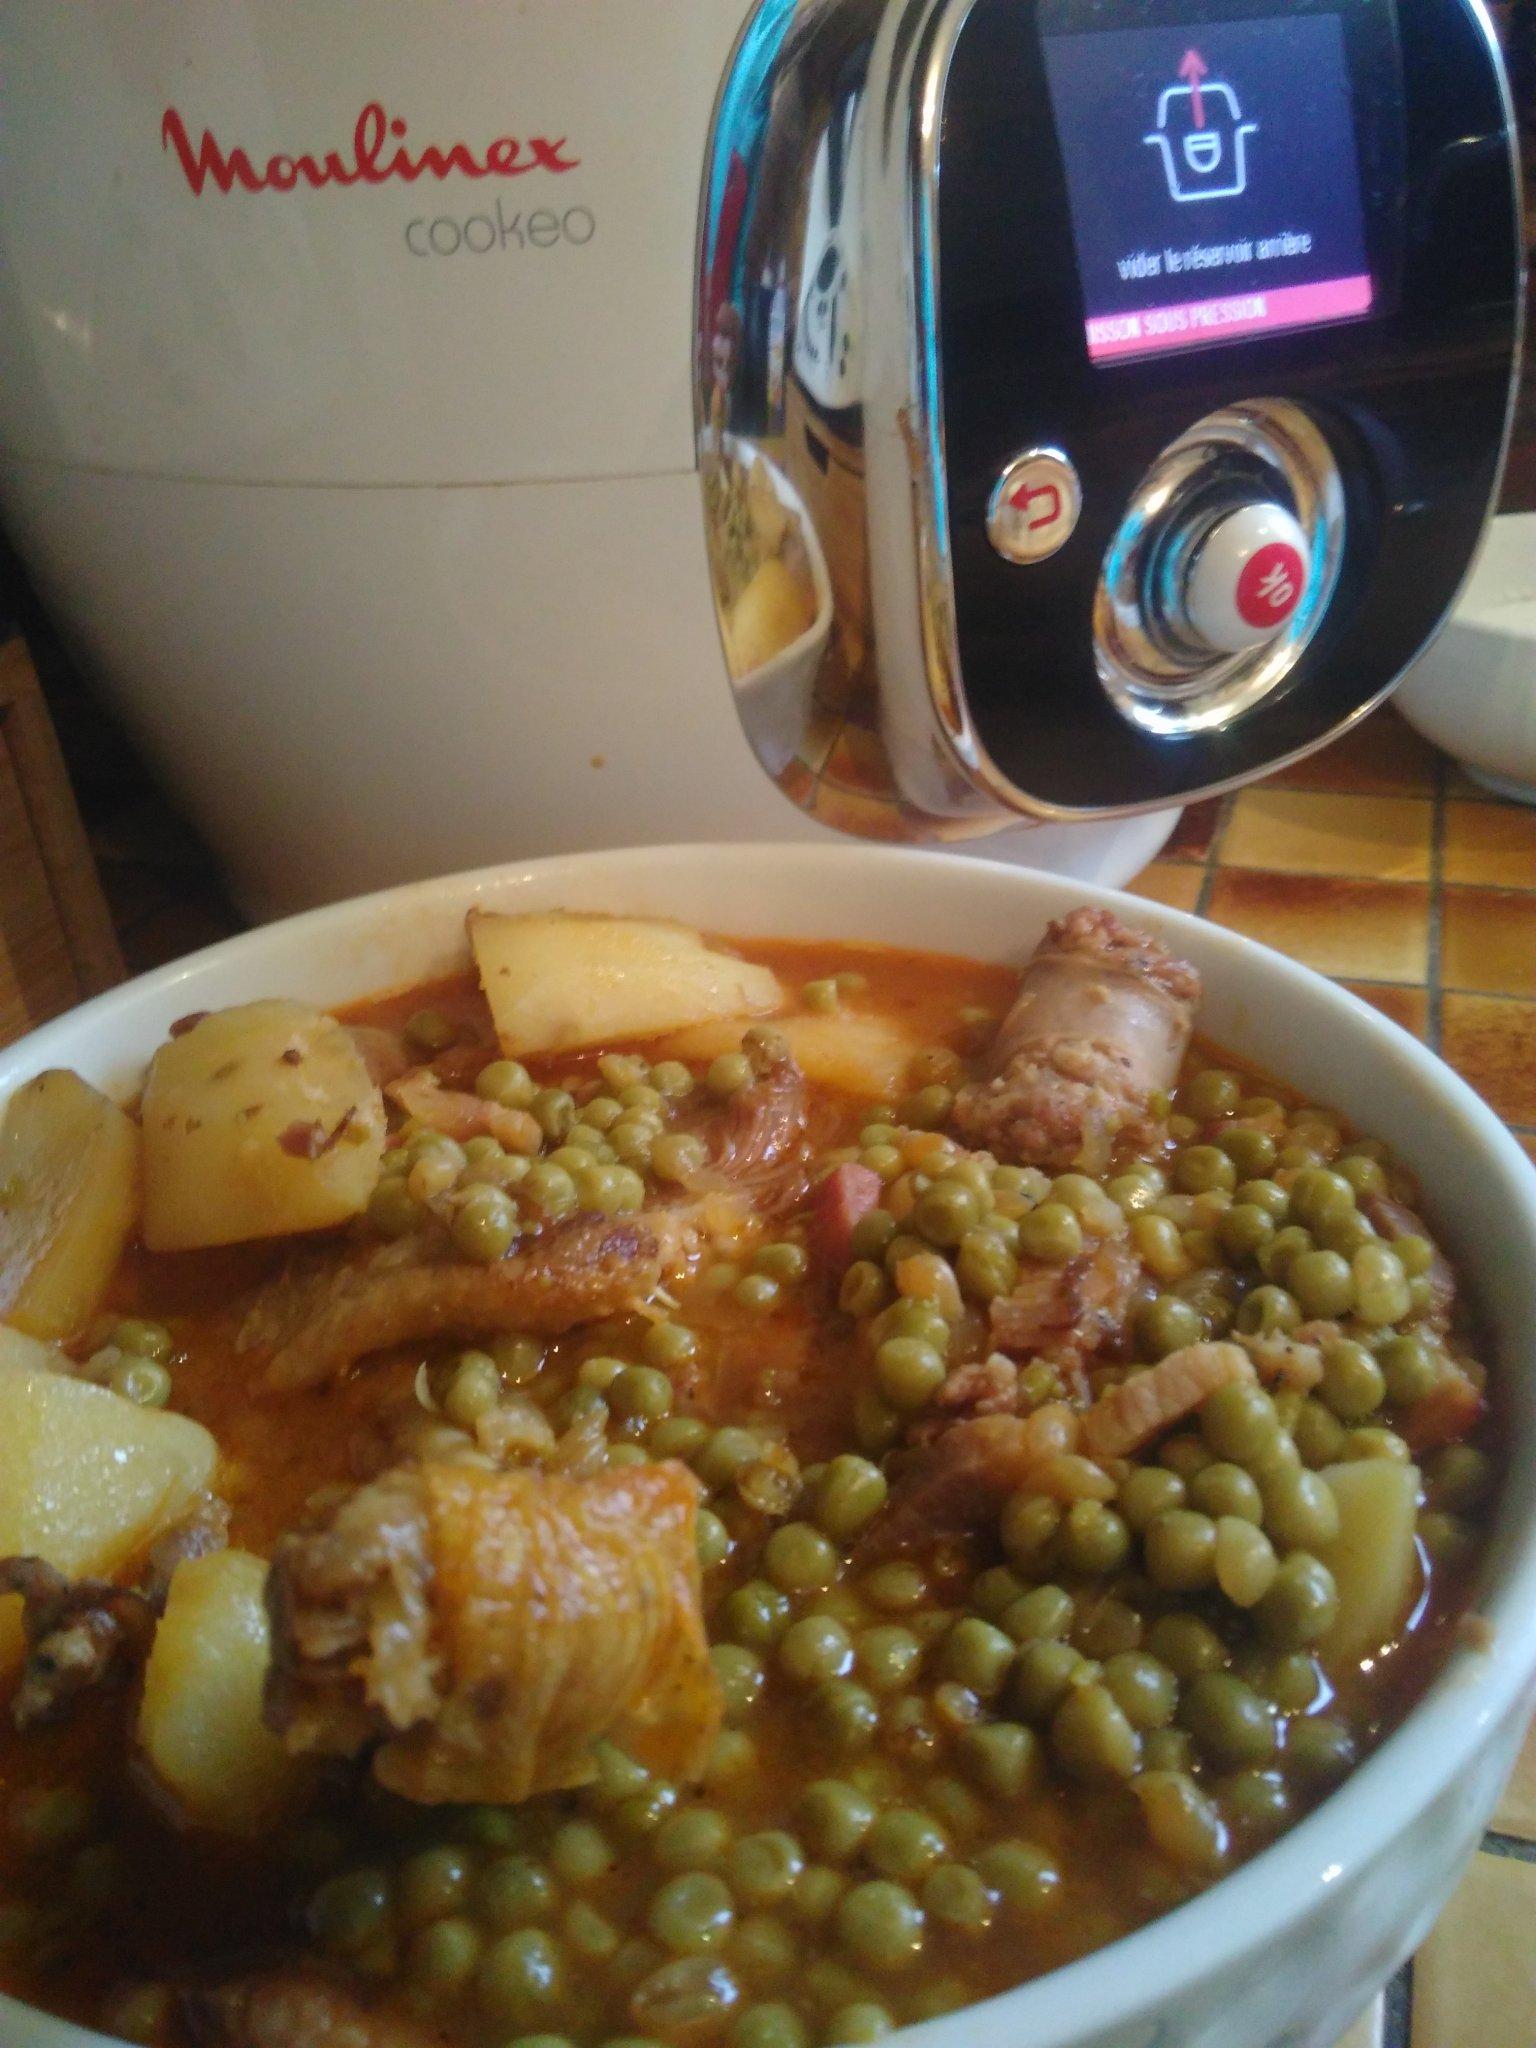 Cuisine du terroir recettes cookeo - Cuisine belge recettes du terroir ...